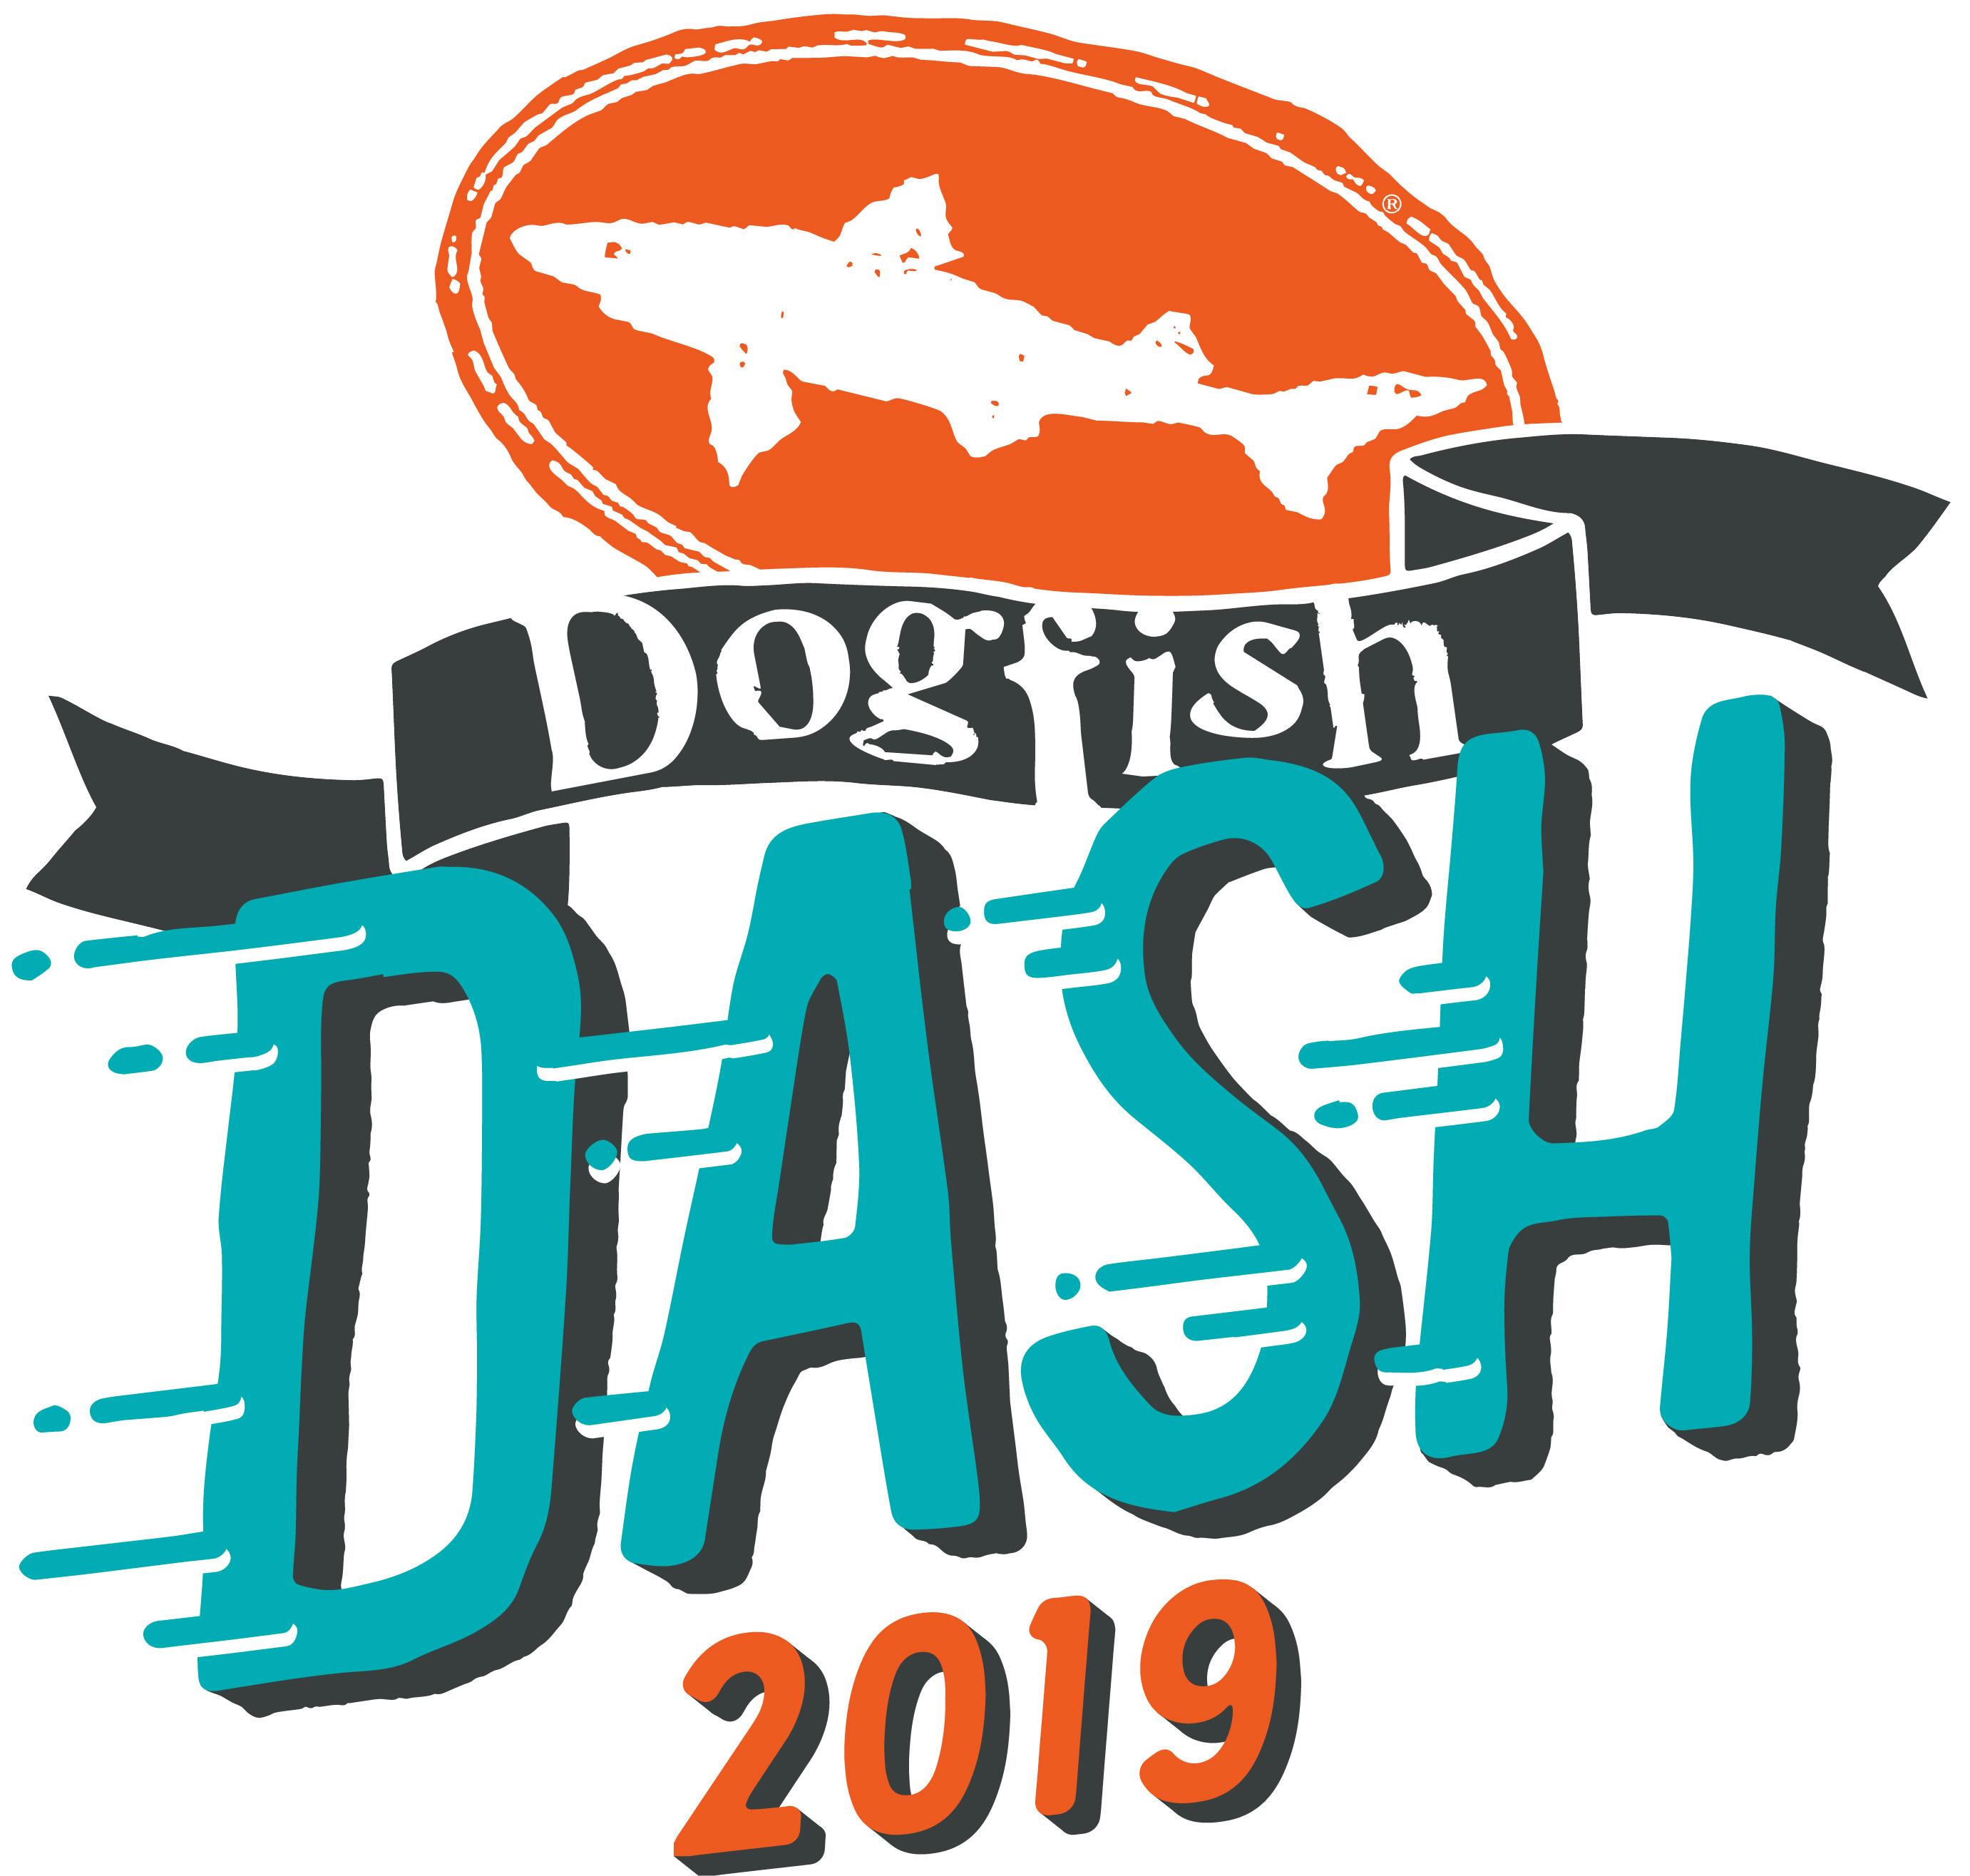 2019 Dogfish Dash logo